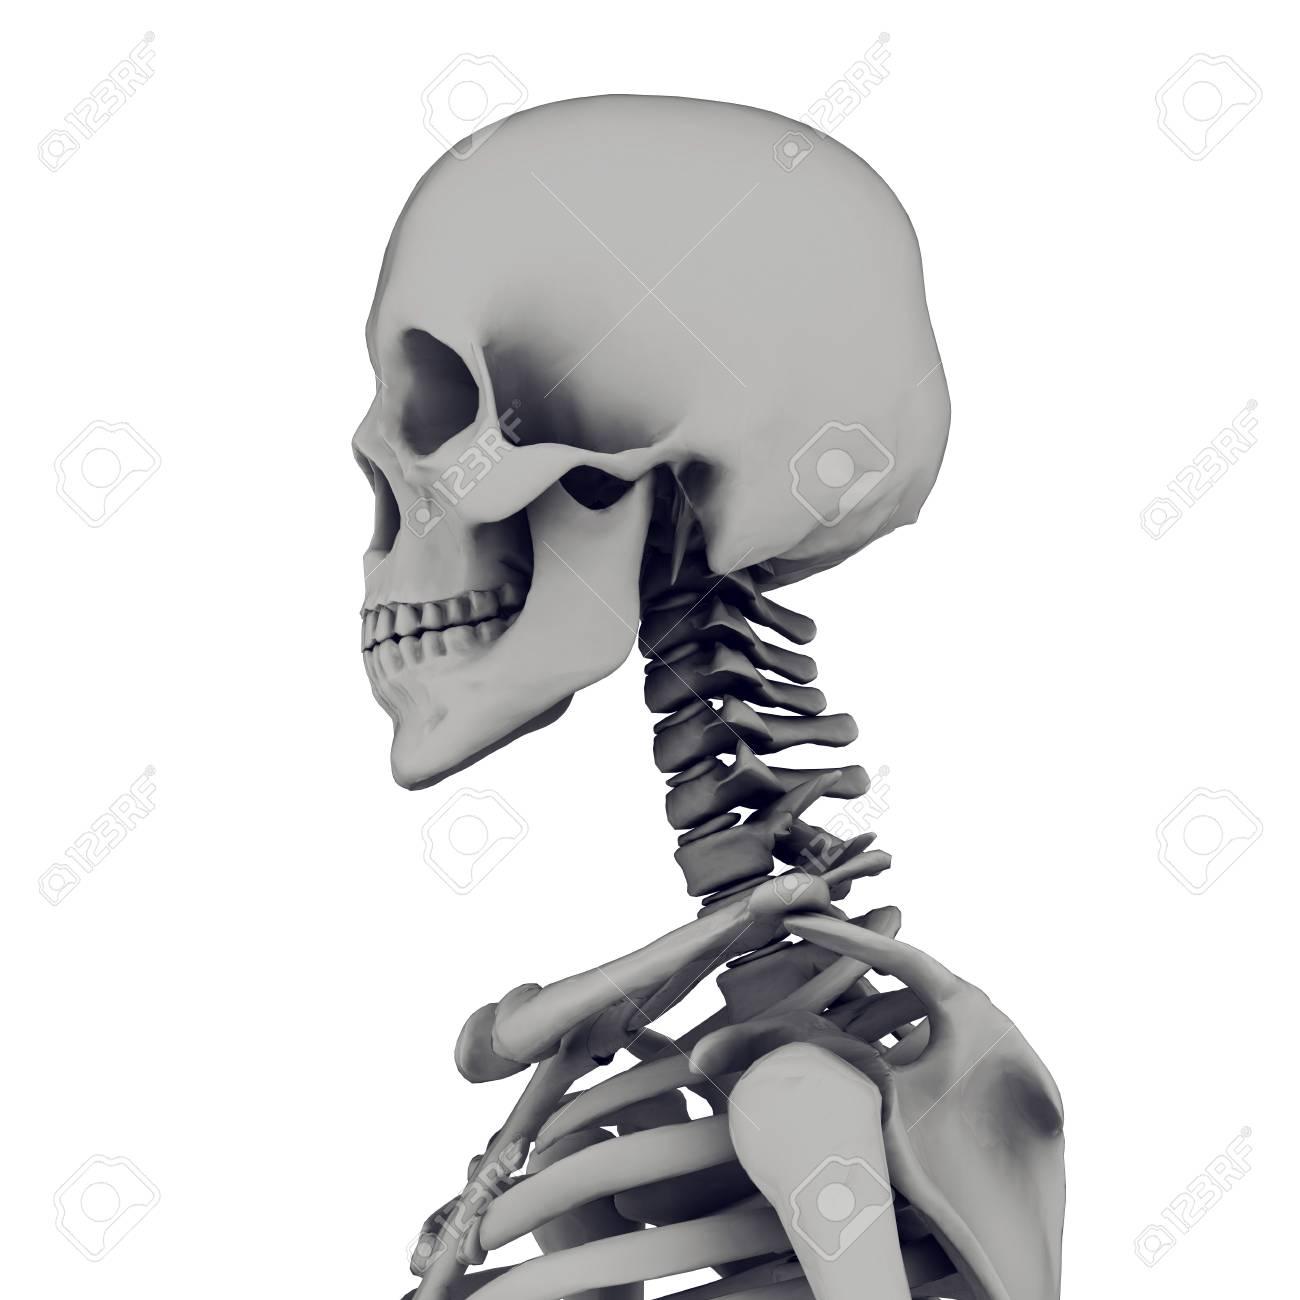 skeleton isolated on white background Stock Photo - 17017688